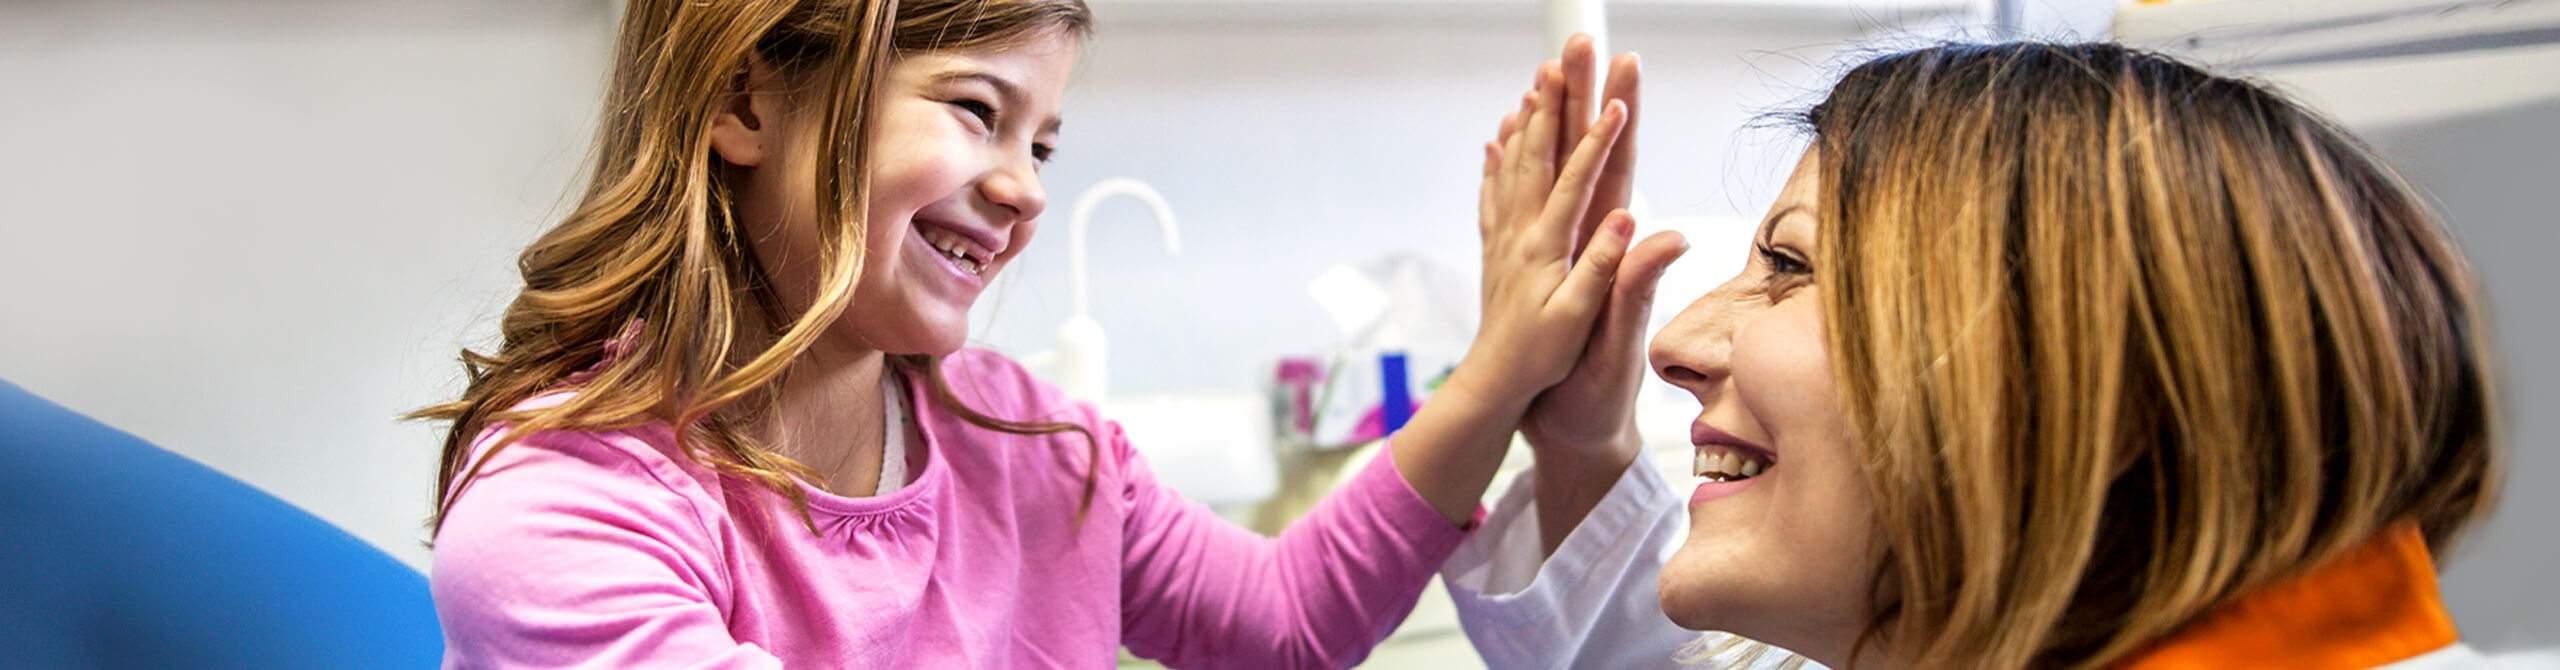 Kieferorthopädin und junge Patientin freuen sich